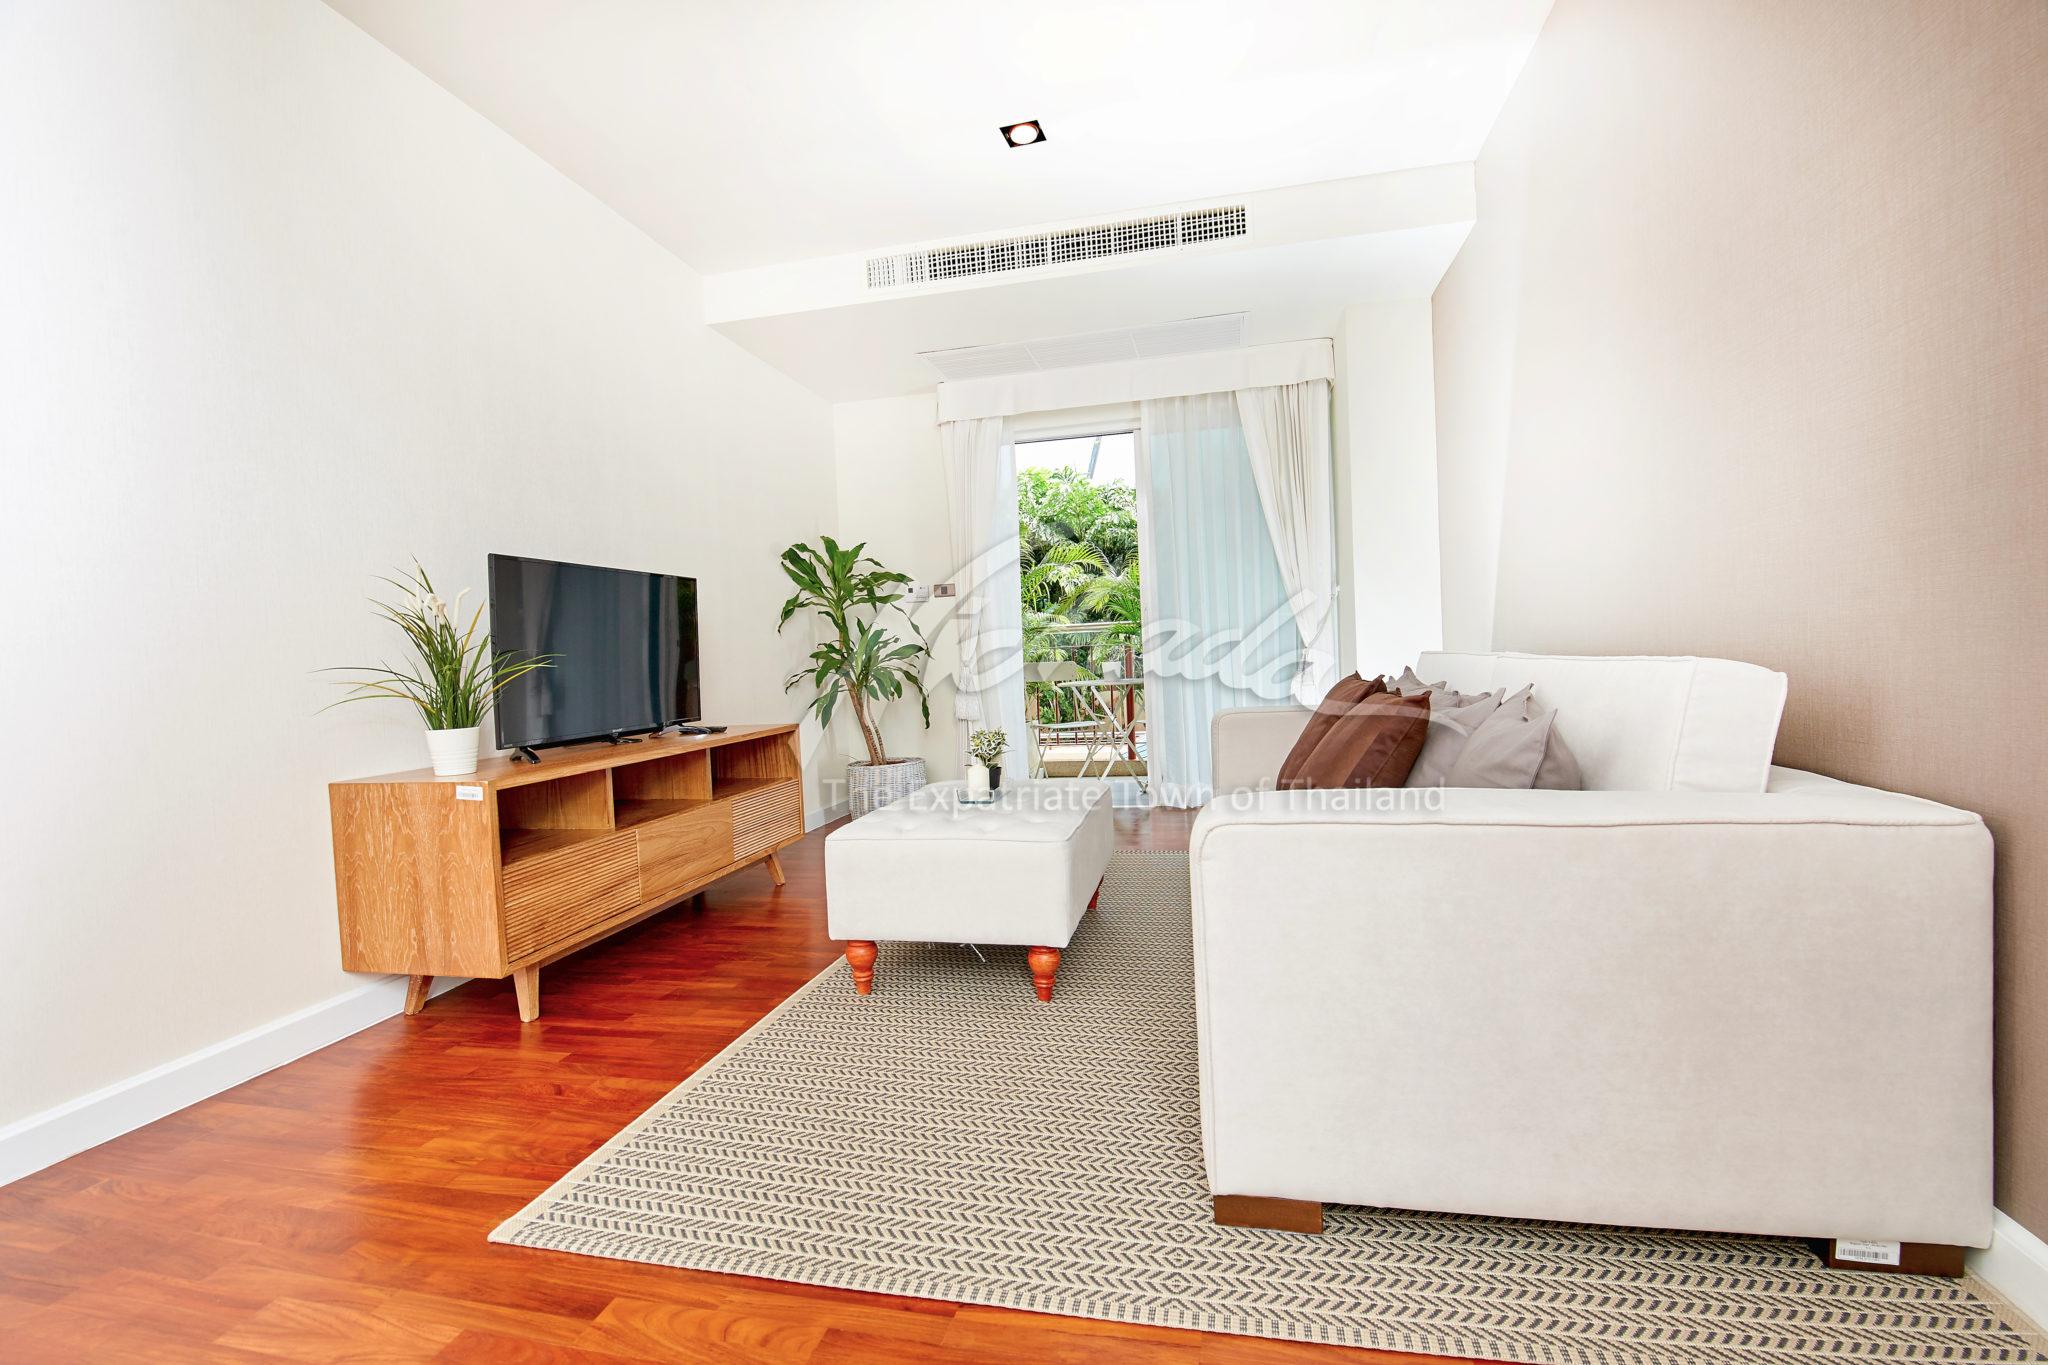 The Tropical (Onut12) condominium